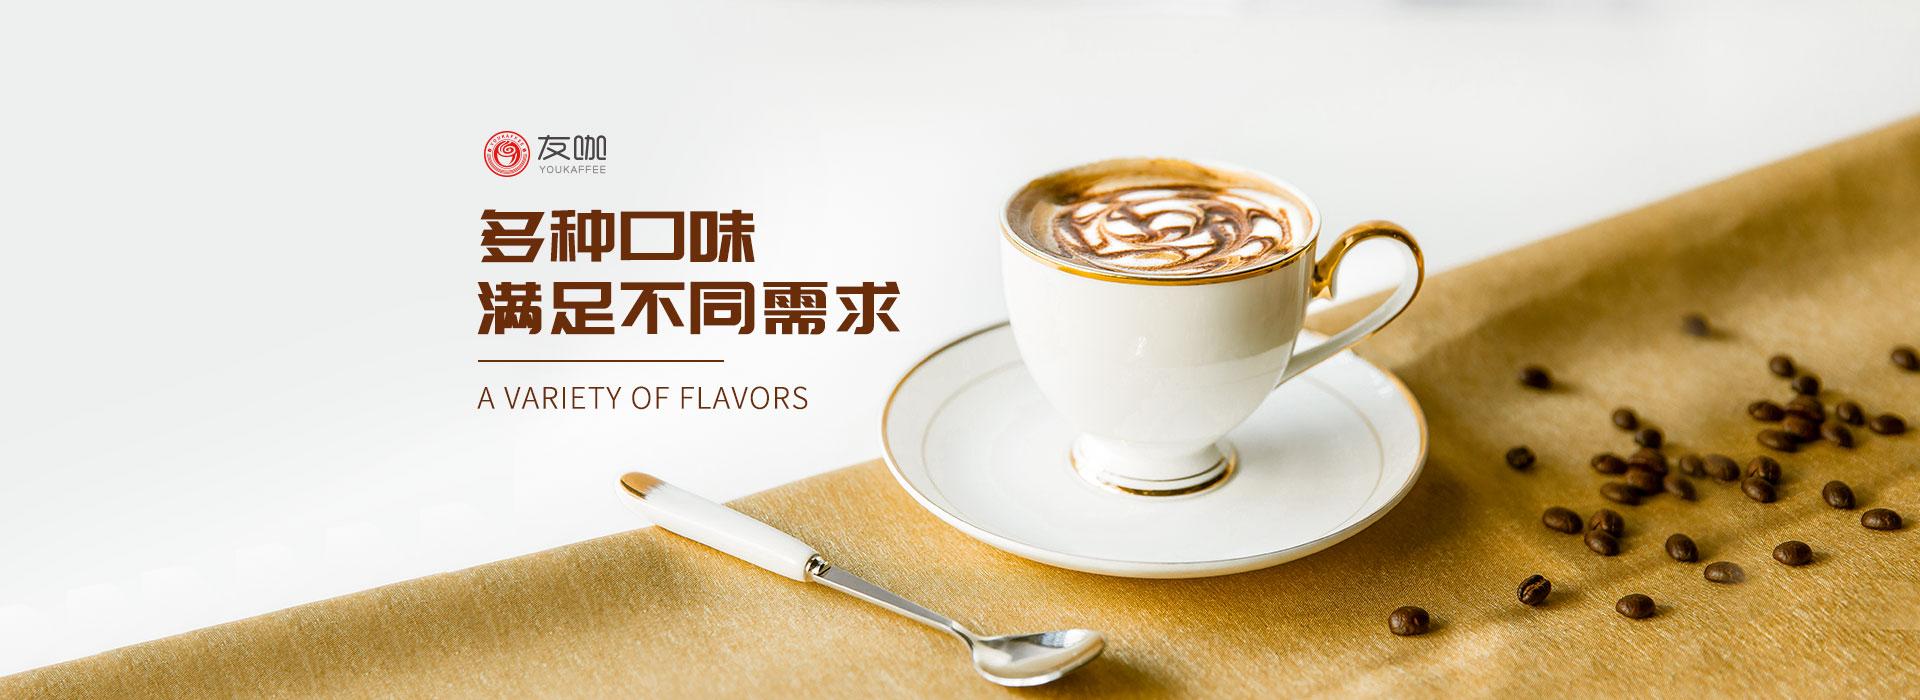 友咖啡_焦糖